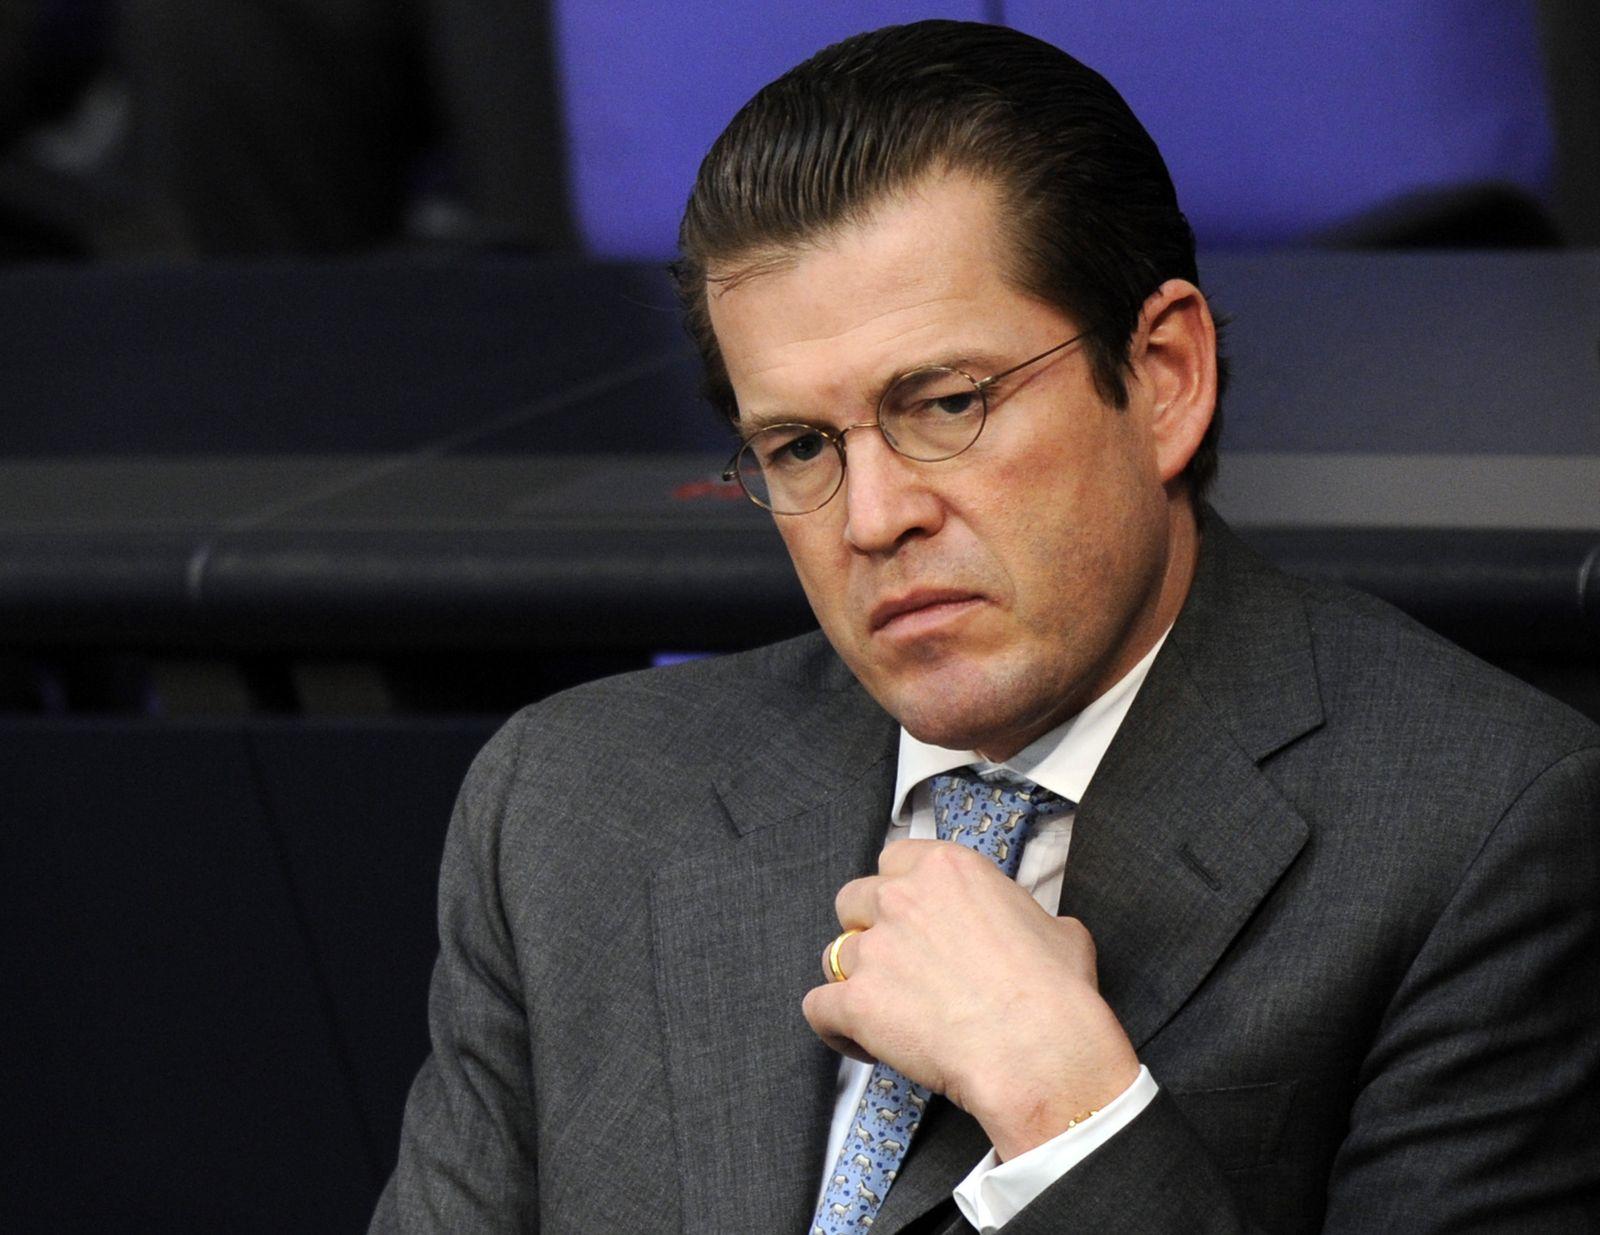 NICHT VERWENDEN Guttenberg im Bundestag